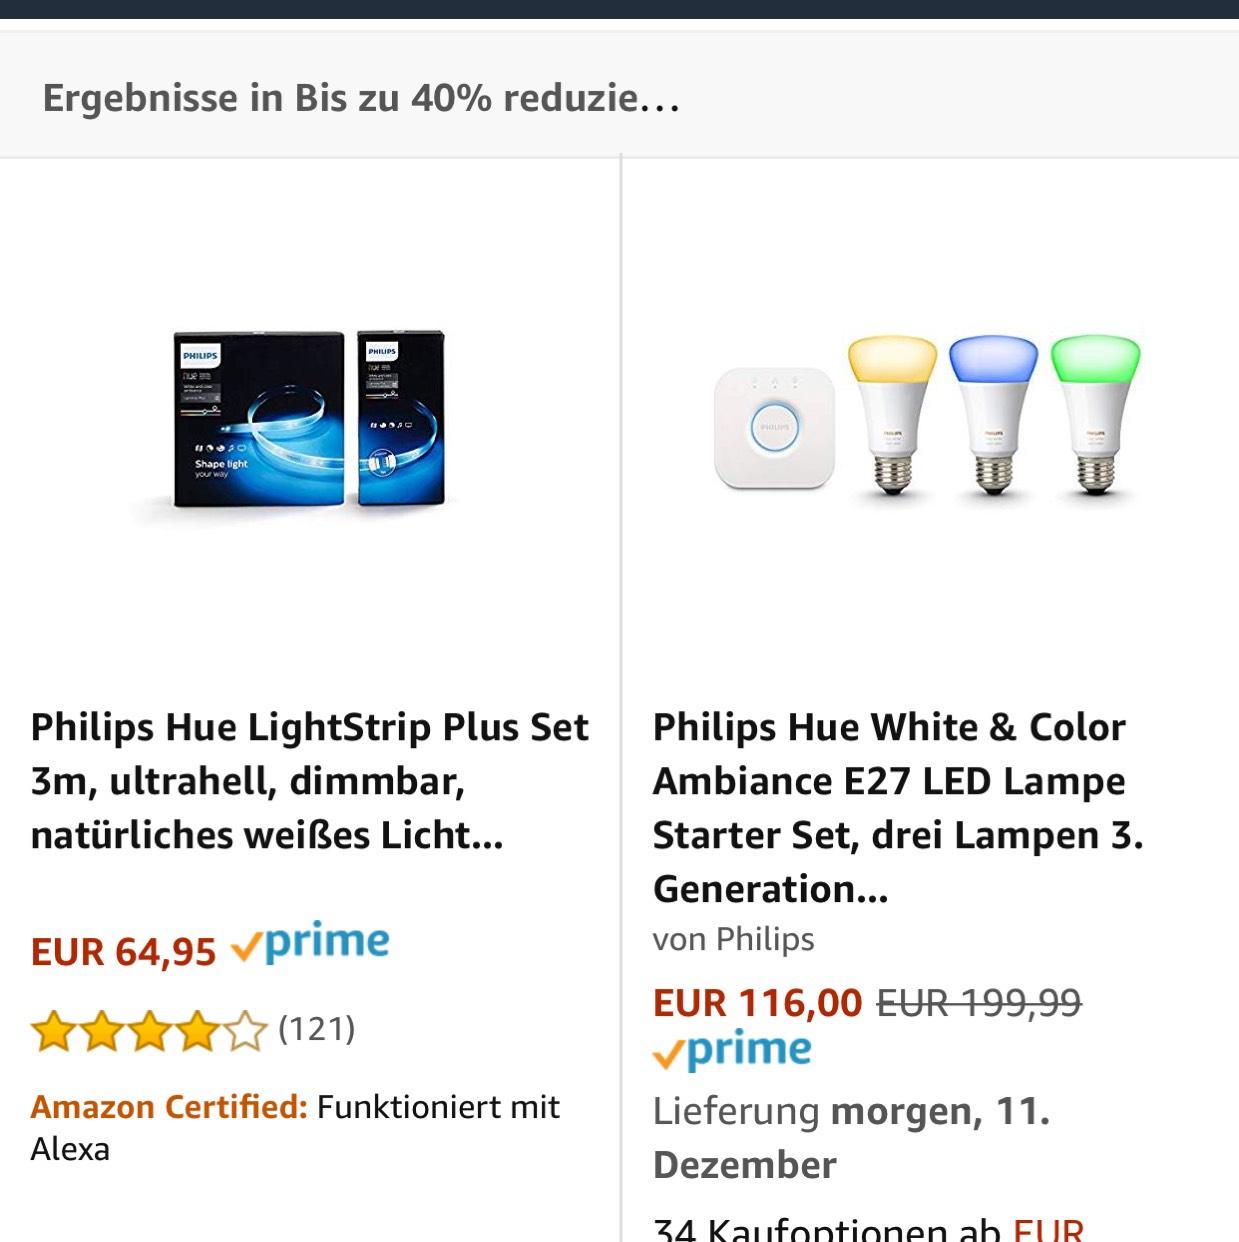 Bei Amazon bis 40% Rabatt auf diverse Philips Hue Produkte nur